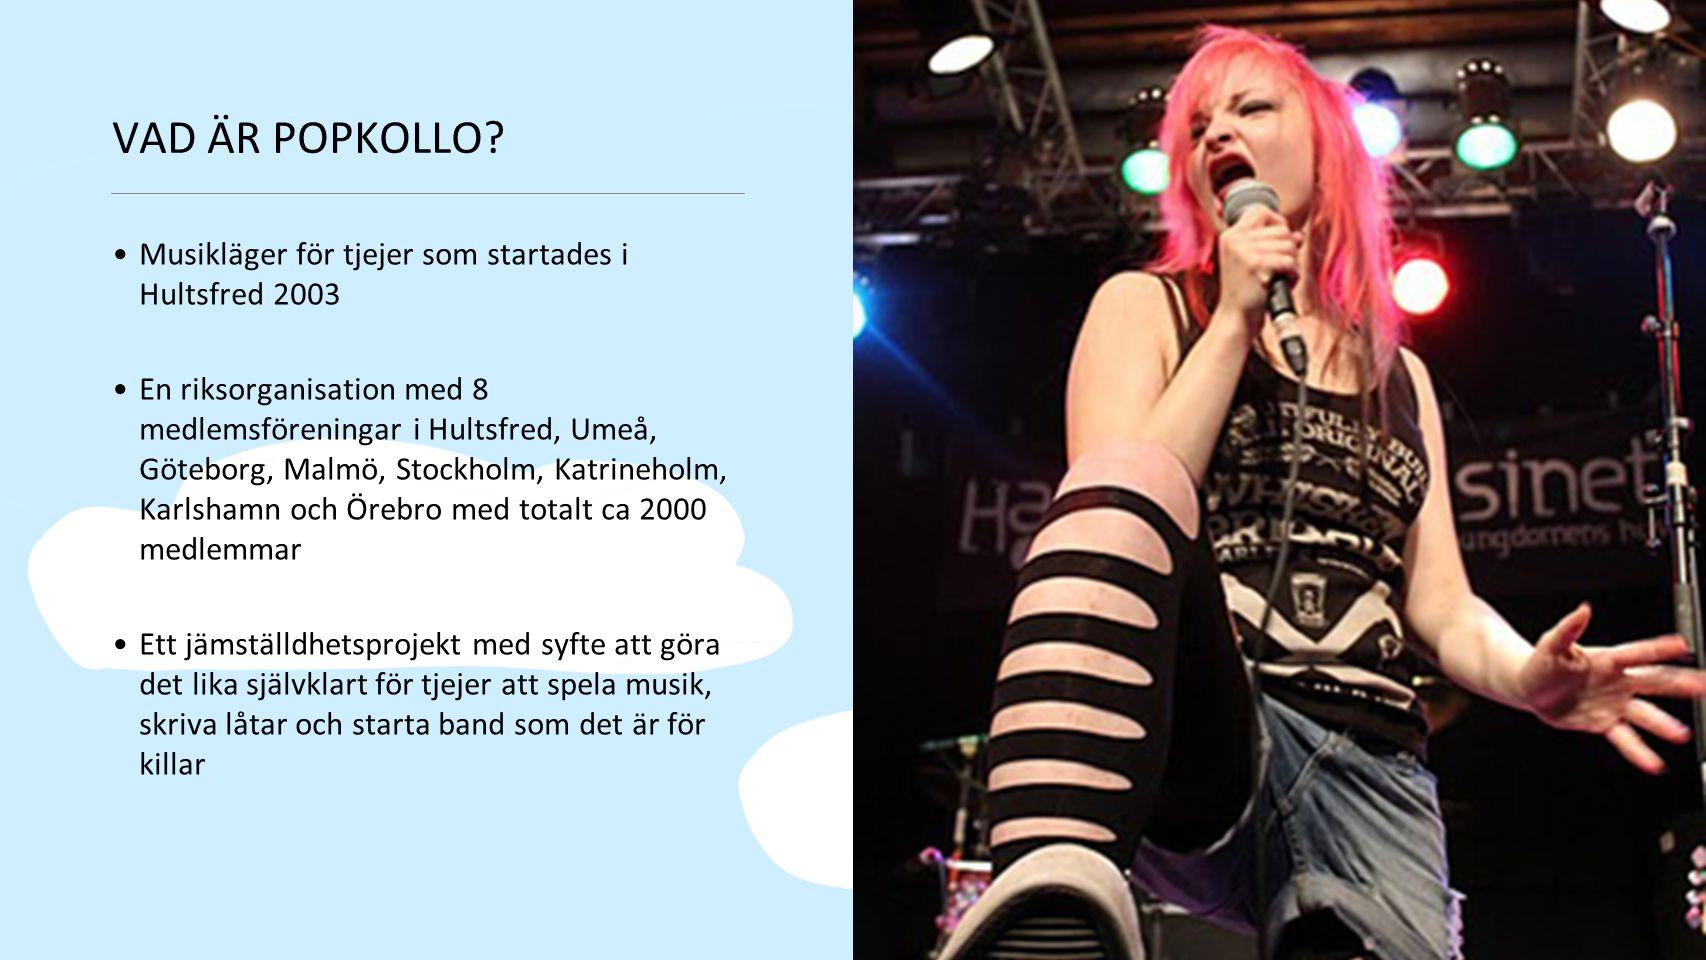 VAD ÄR POPKOLLO Musikläger för tjejer som startades i Hultsfred 2003